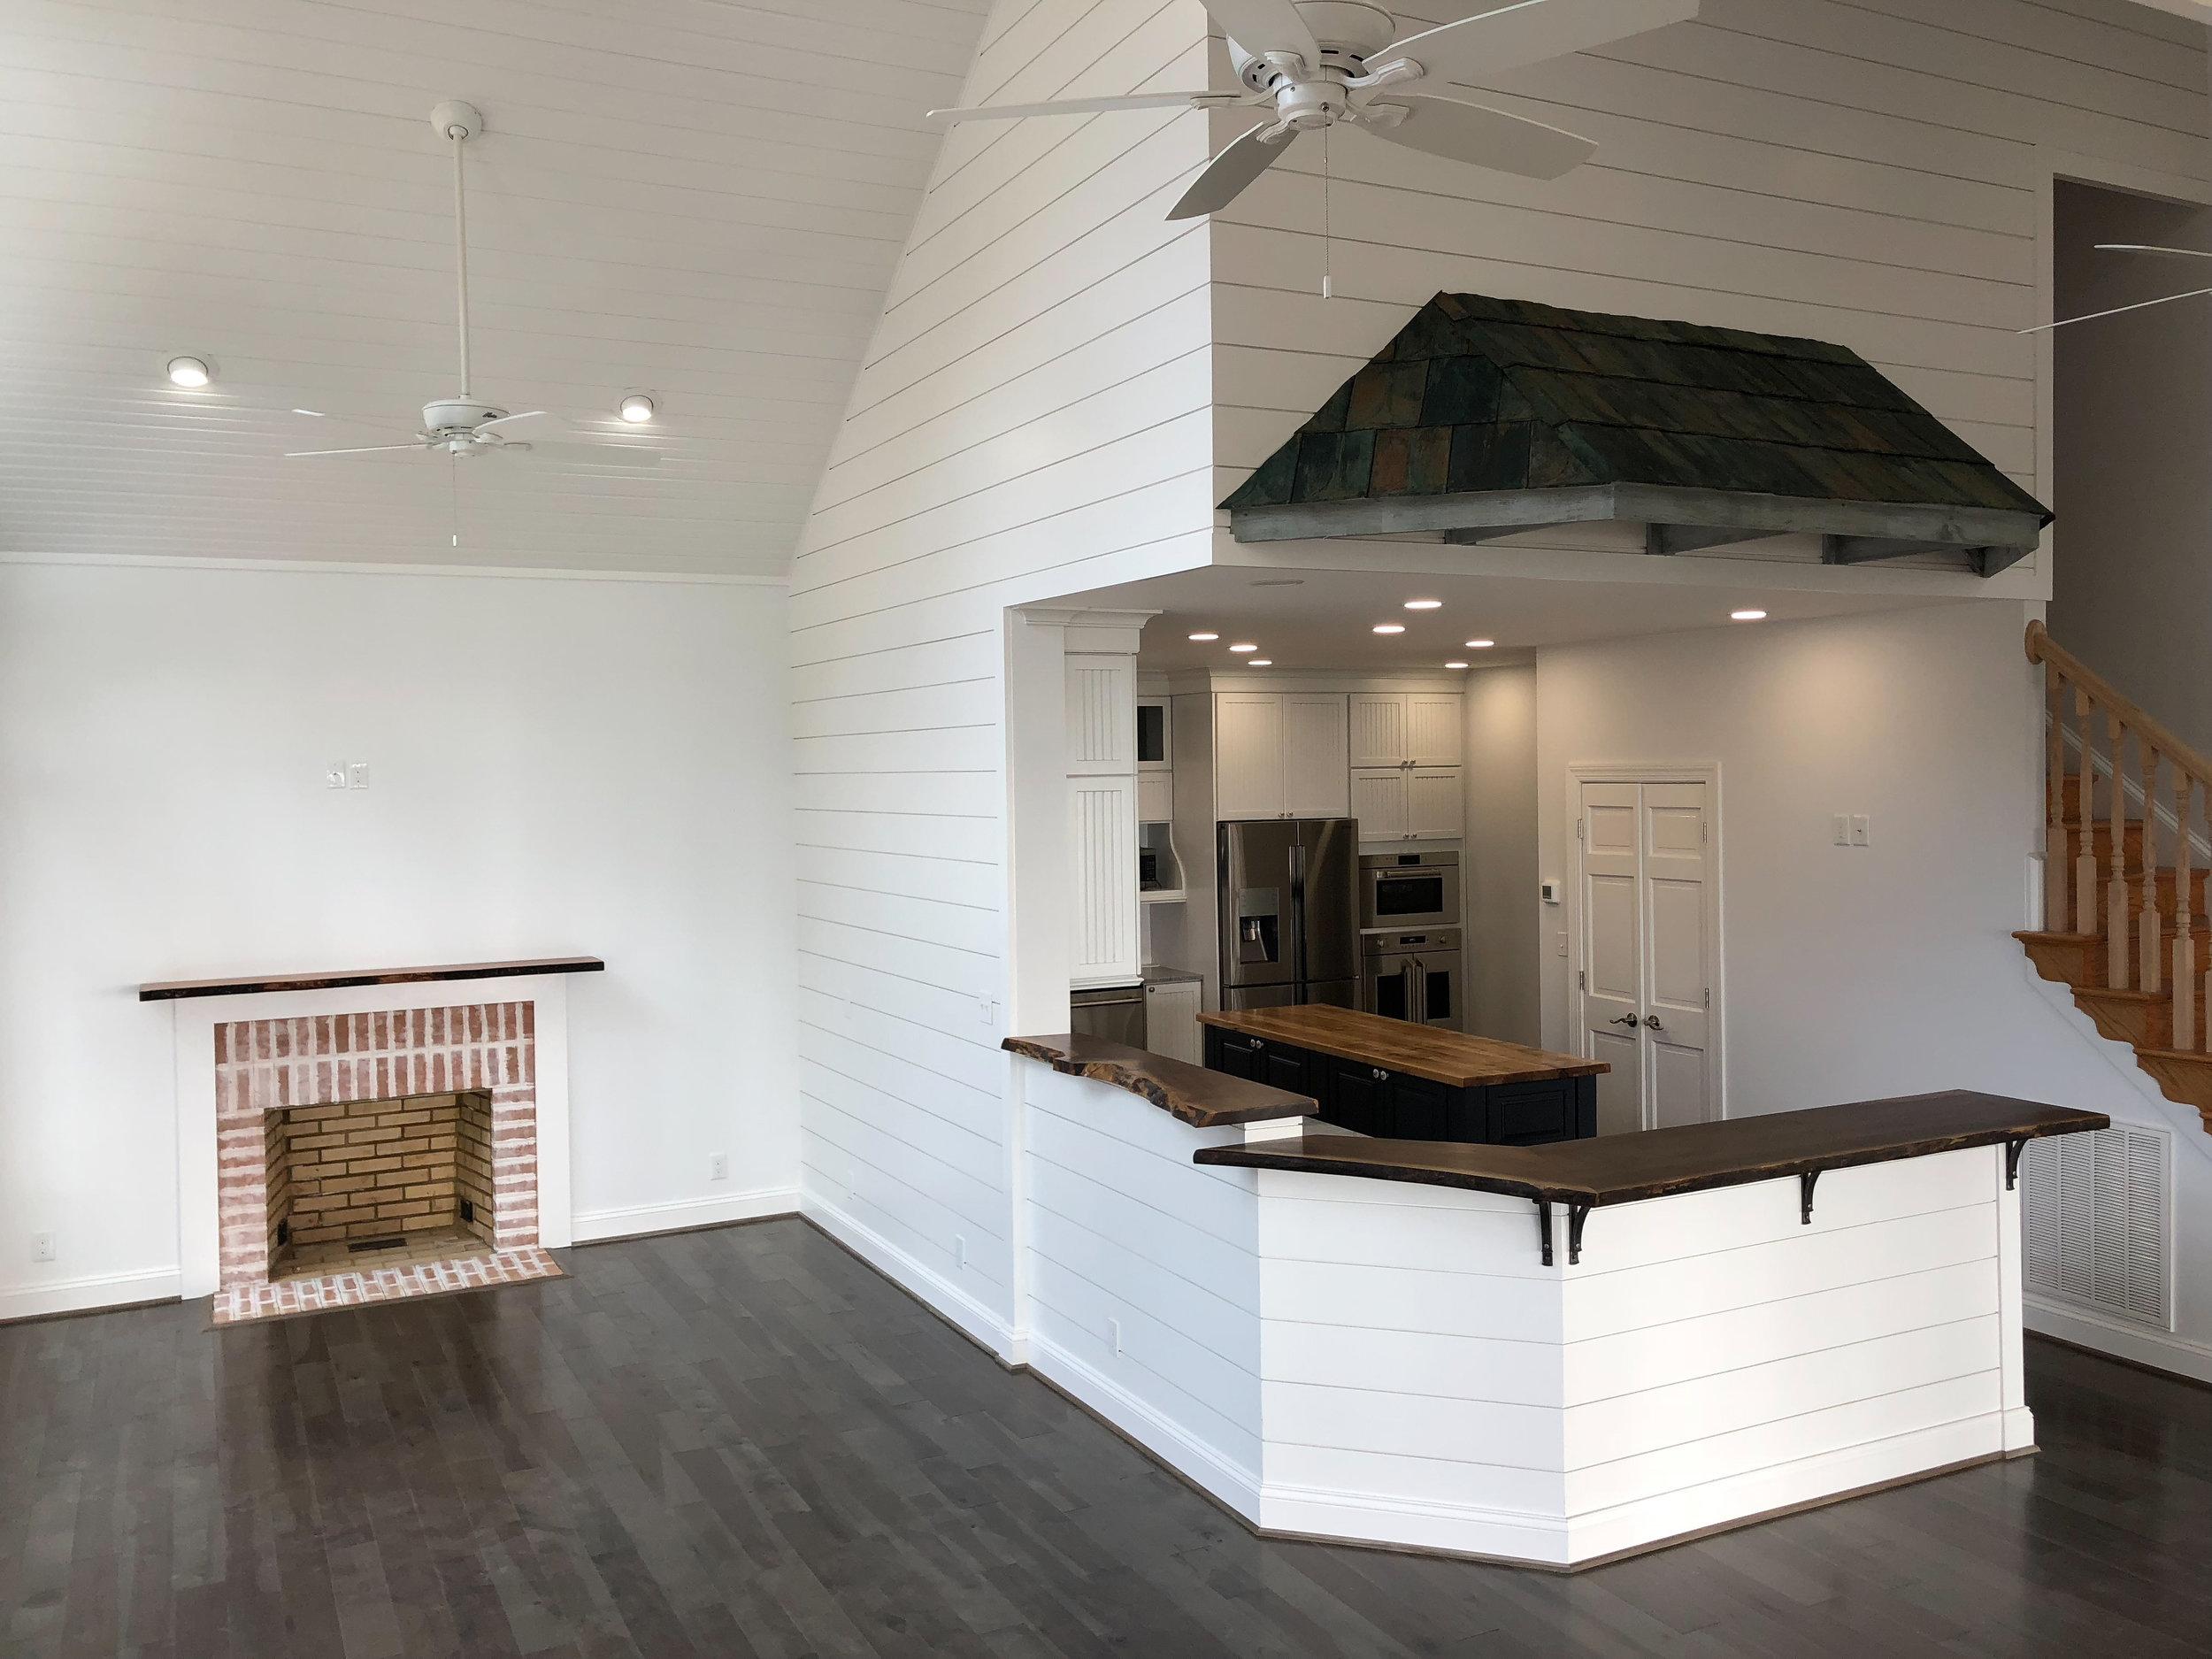 Live Edge Walnut Bar Top Hardwood Kitchen Island Live Edge Mantle Crab Point Sallie Plumley Studio Richmond Virginia Sally Plumley